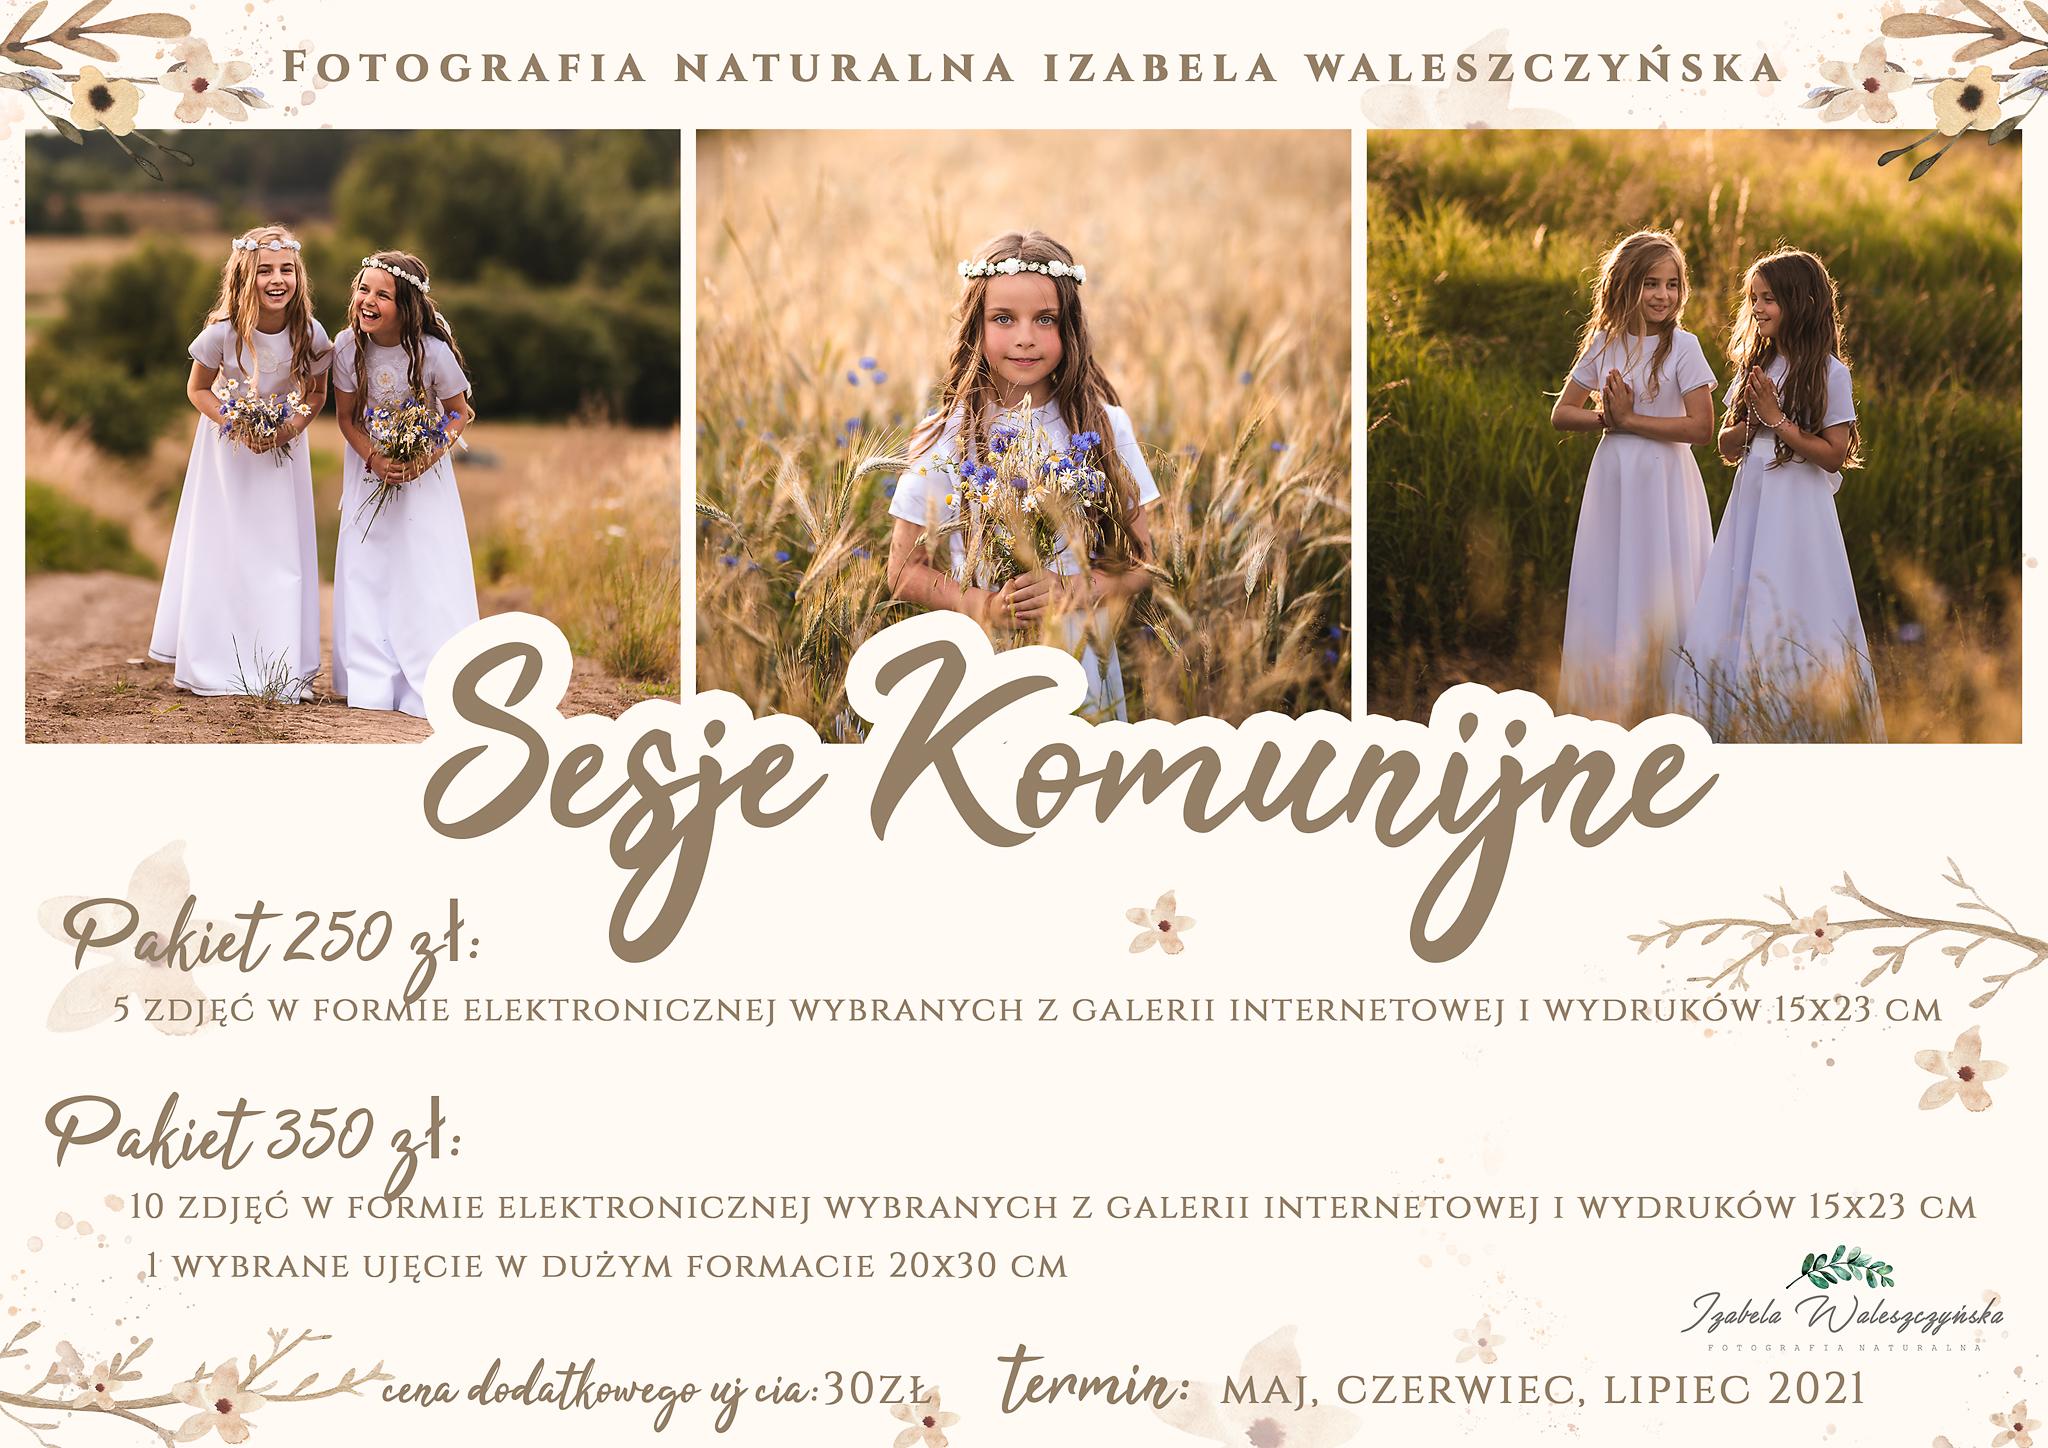 sesja komunijna olsztyn, komunia olsztyn, fotograf na komunię olsztyn